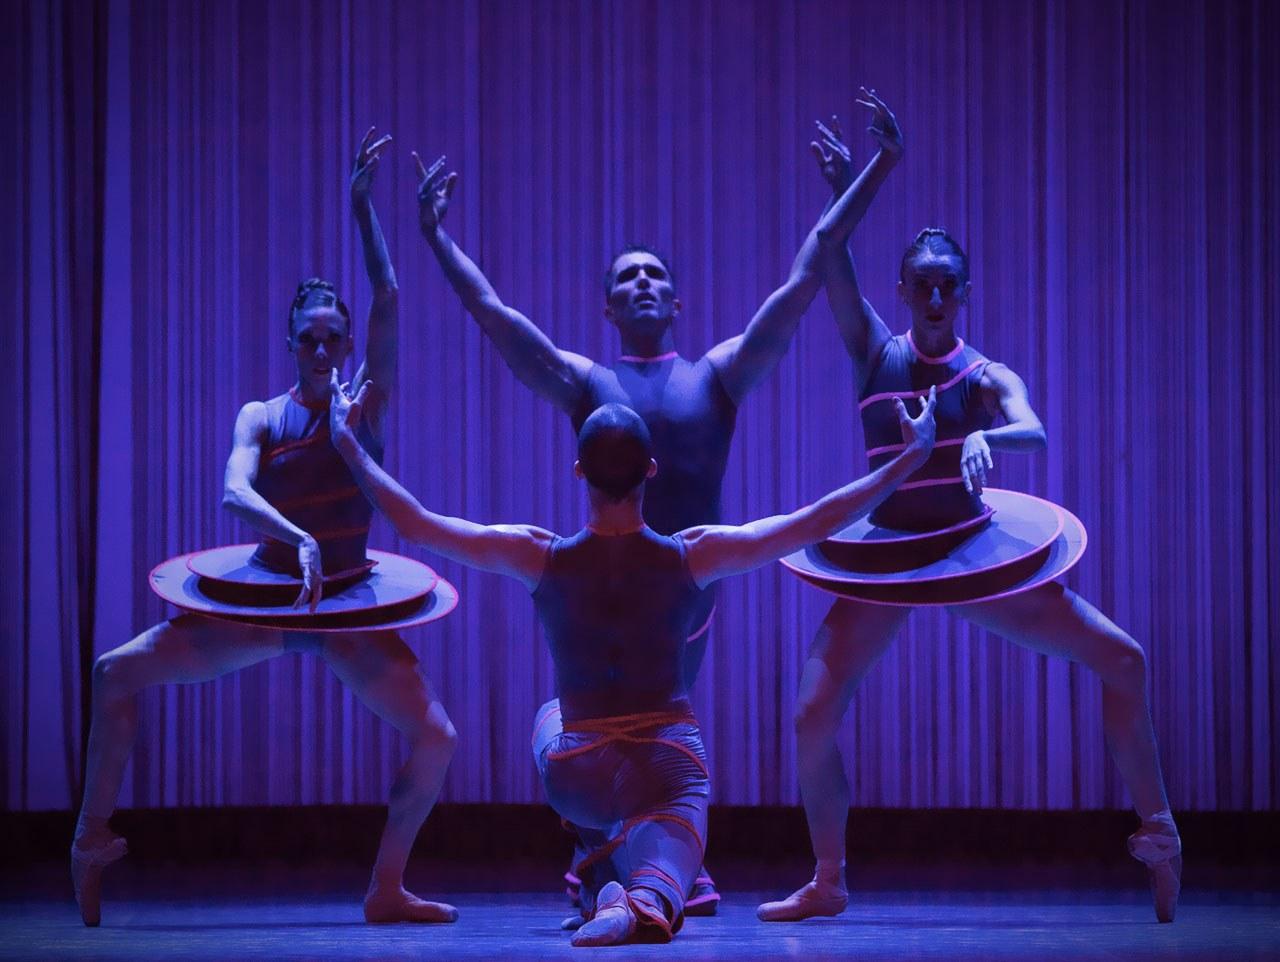 Branding and Identity Design for Austin Ballet